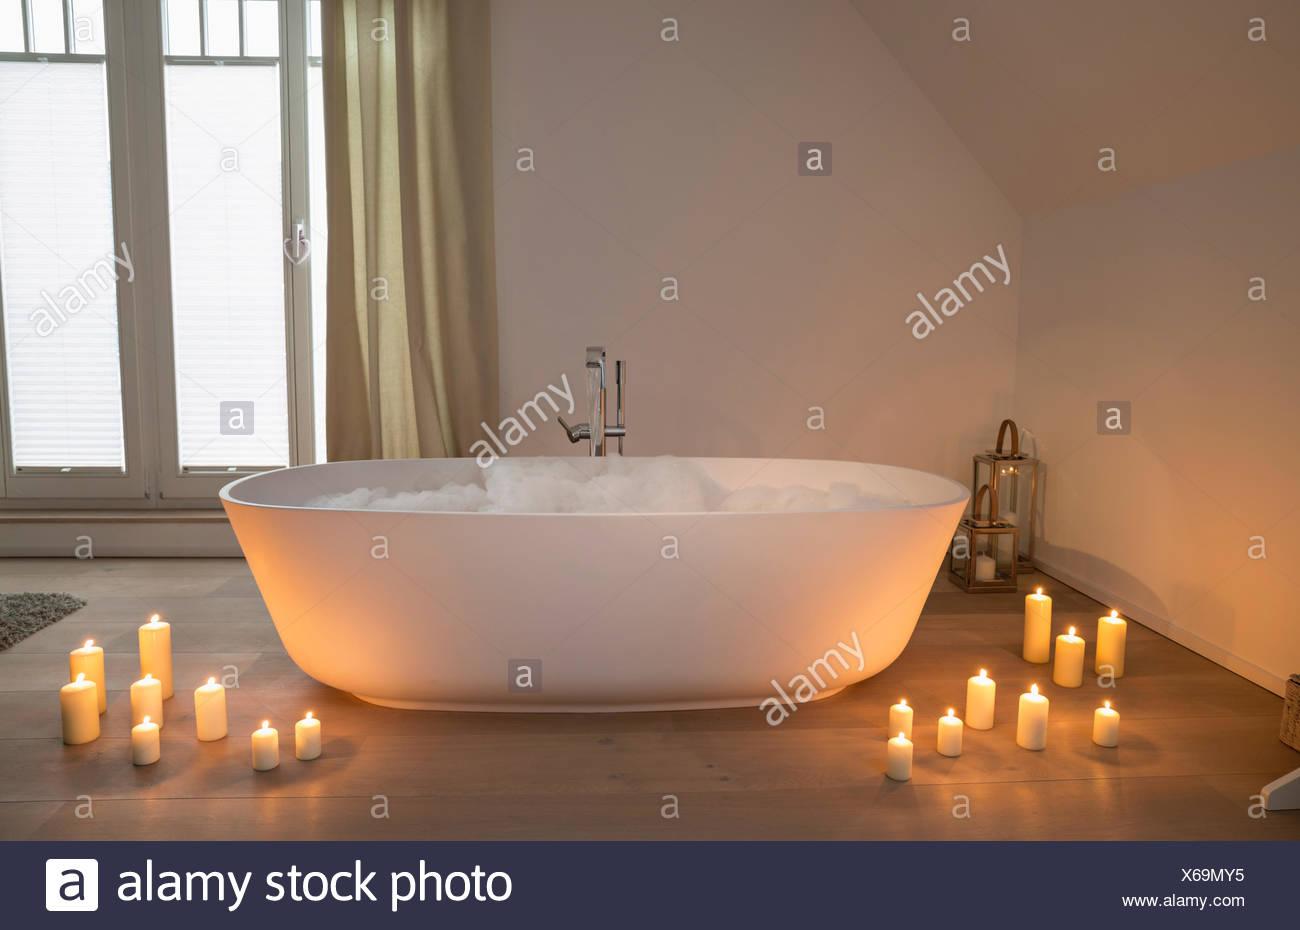 Vasche Da Bagno Moderne : Vasca da bagno moderno con candele accese intorno foto & immagine